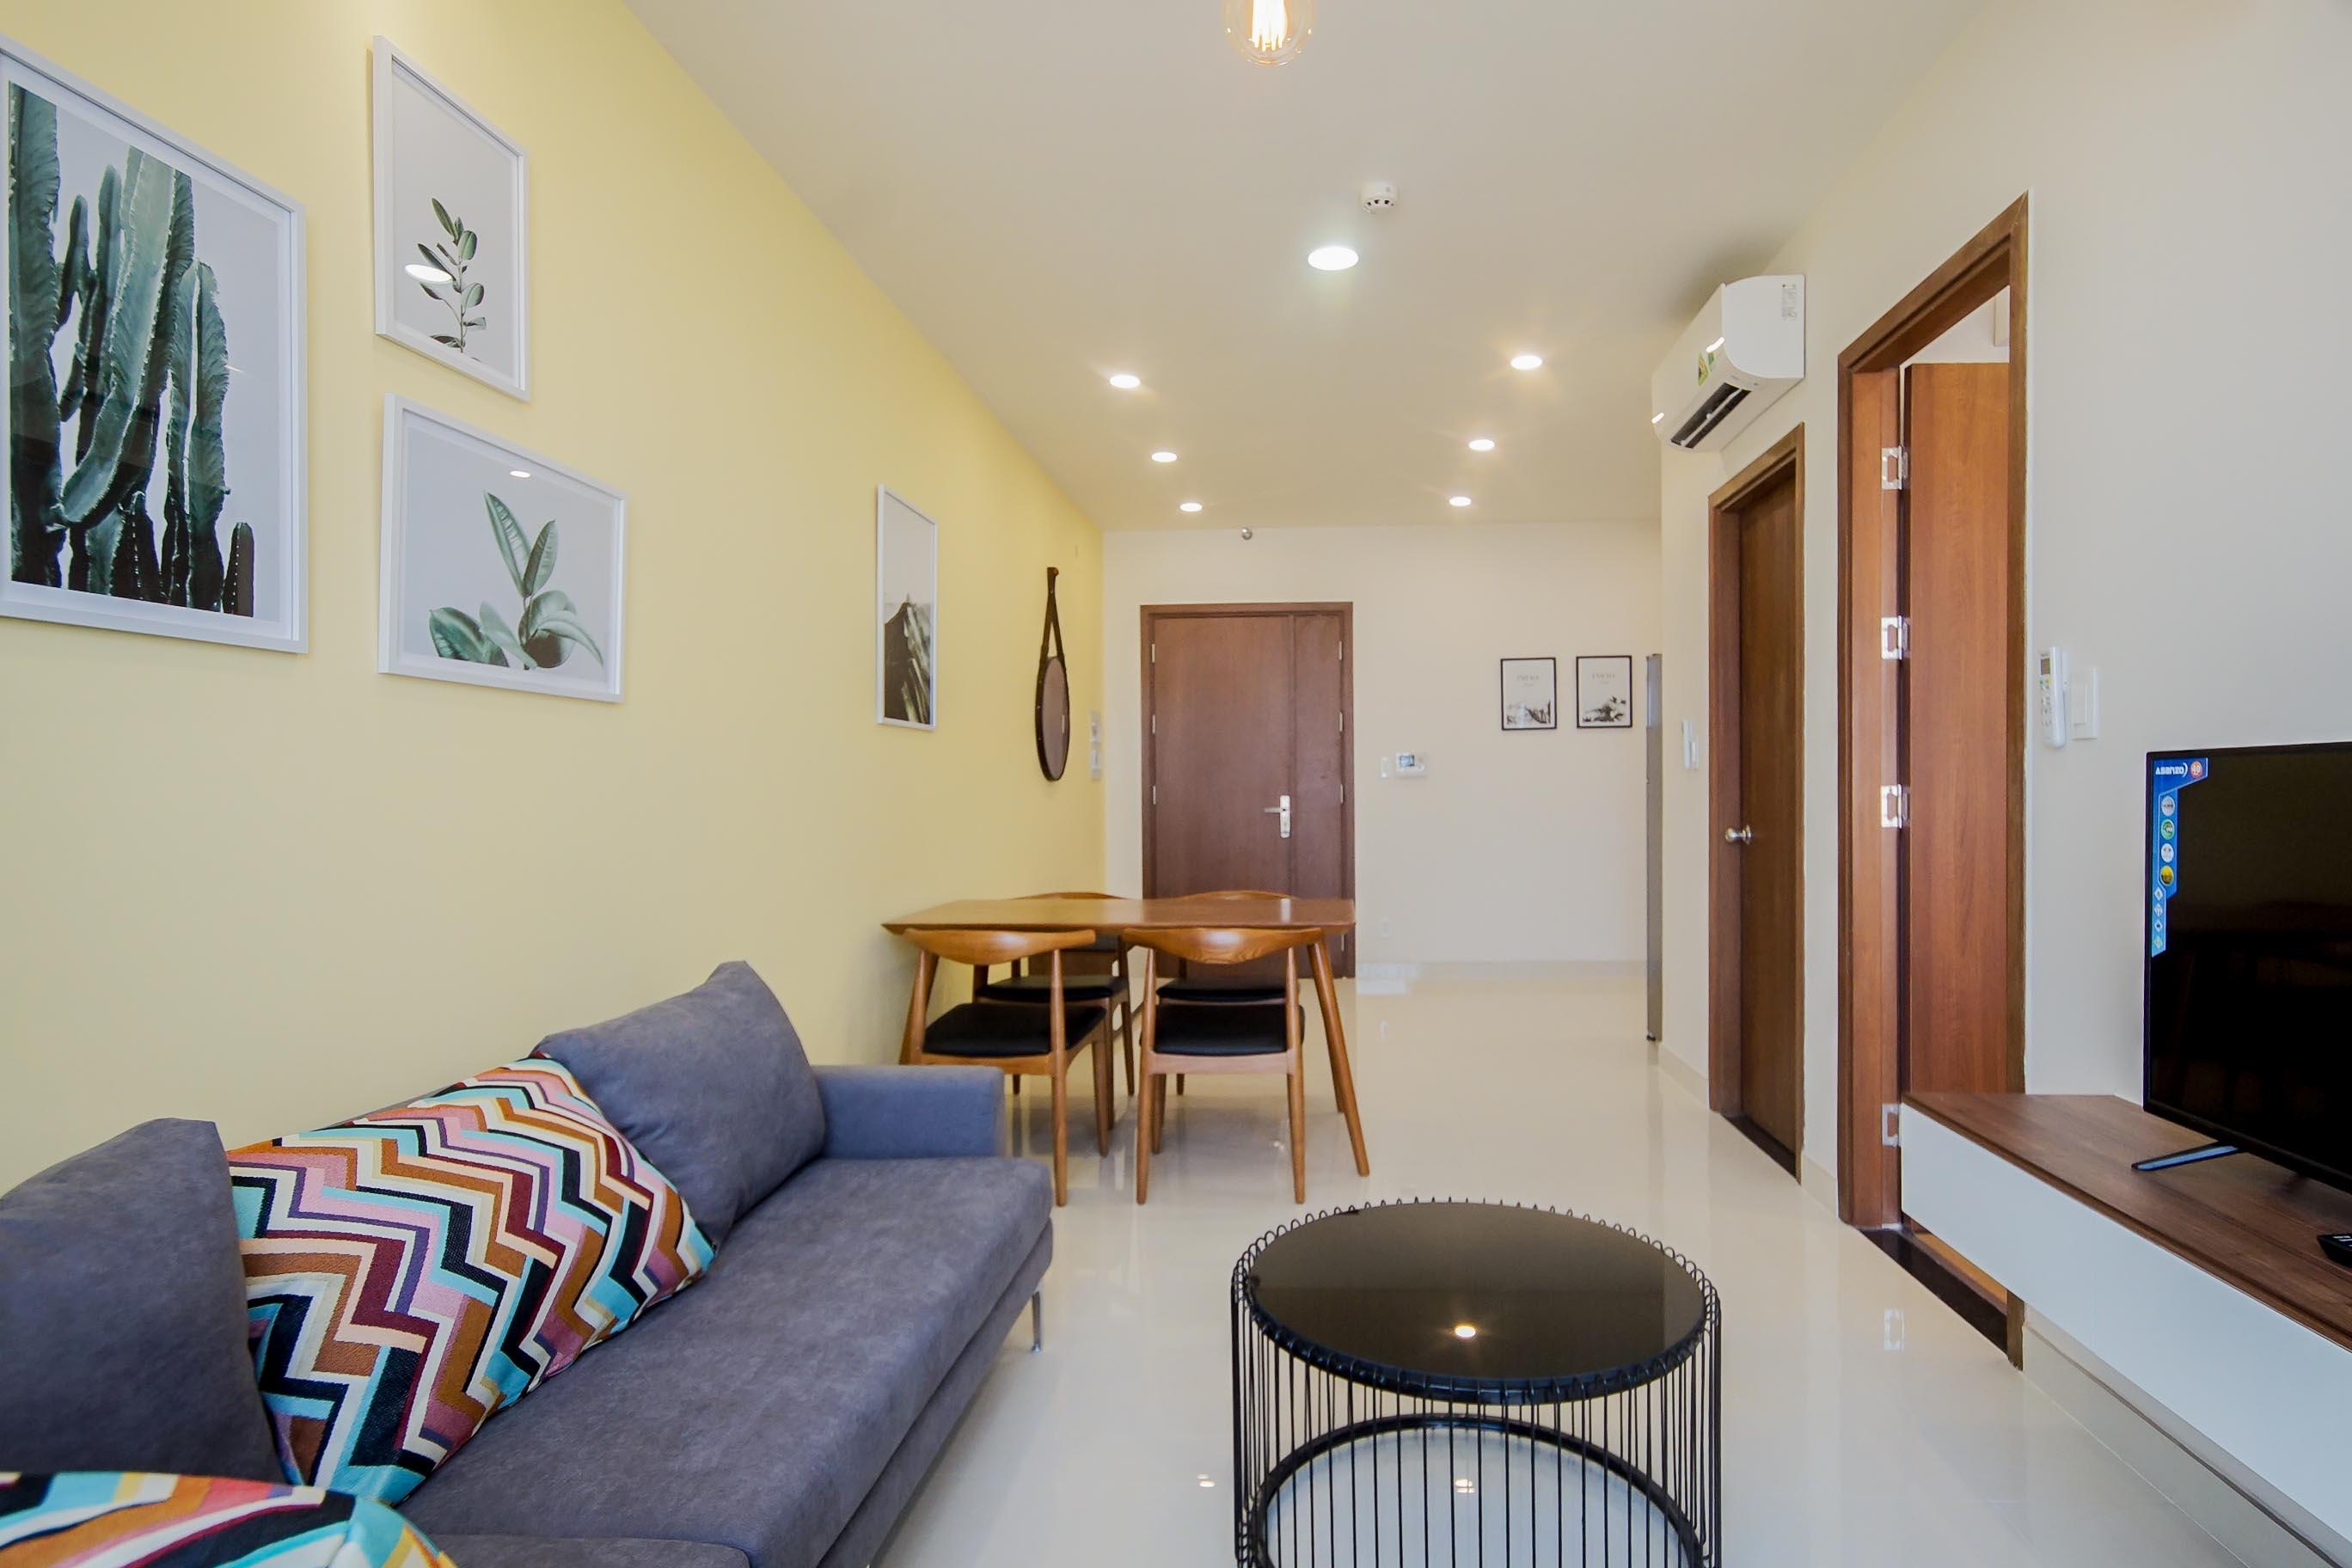 Căn hộ 1 PN Grand Riverside - Đầy Đủ Nội Thất - Không gian ấm cúng và tràn ngập ánh sáng-6